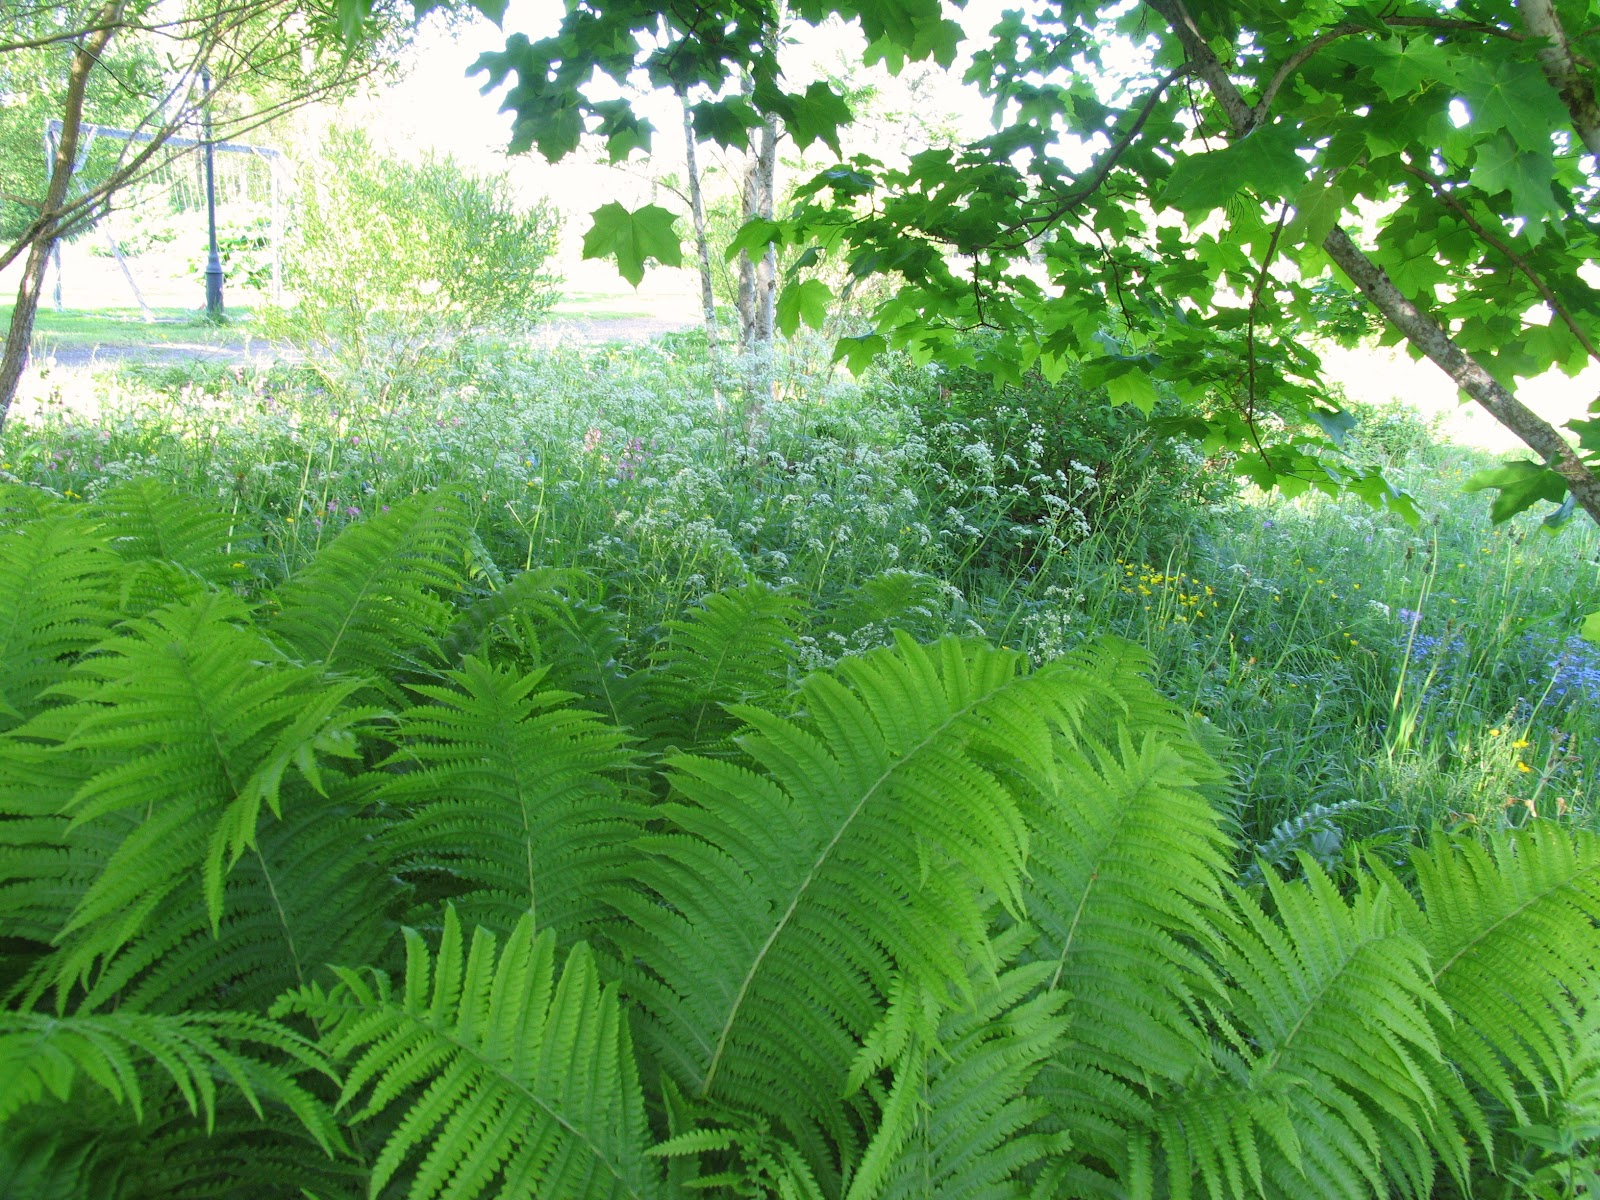 Visningsträdgården Hällans trädgårdsblogg: Ormbunkar